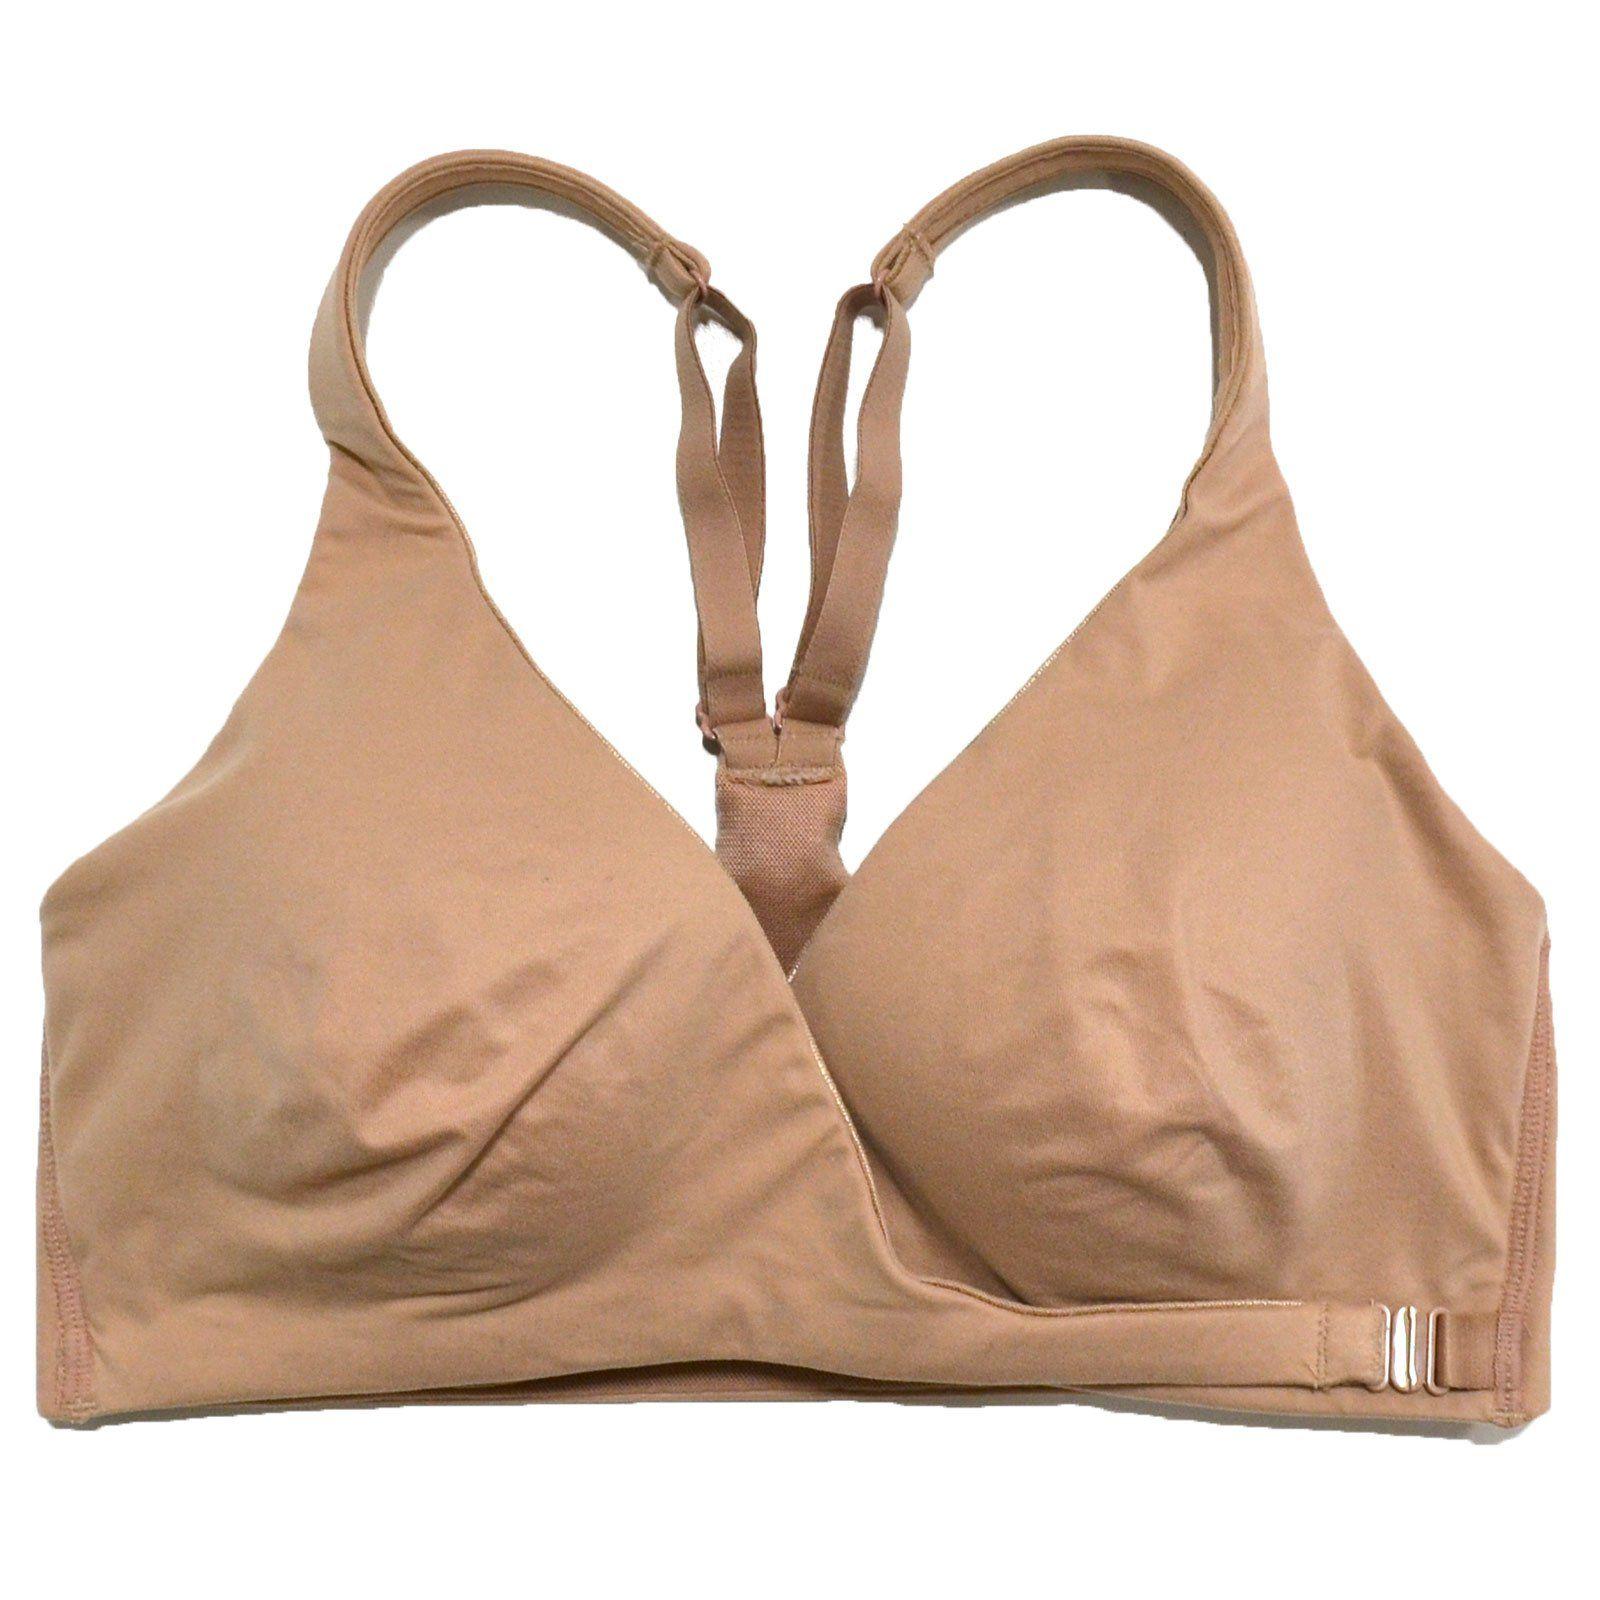 Victoria's Secret Sports Bra Wrap Front/Front Close (32C